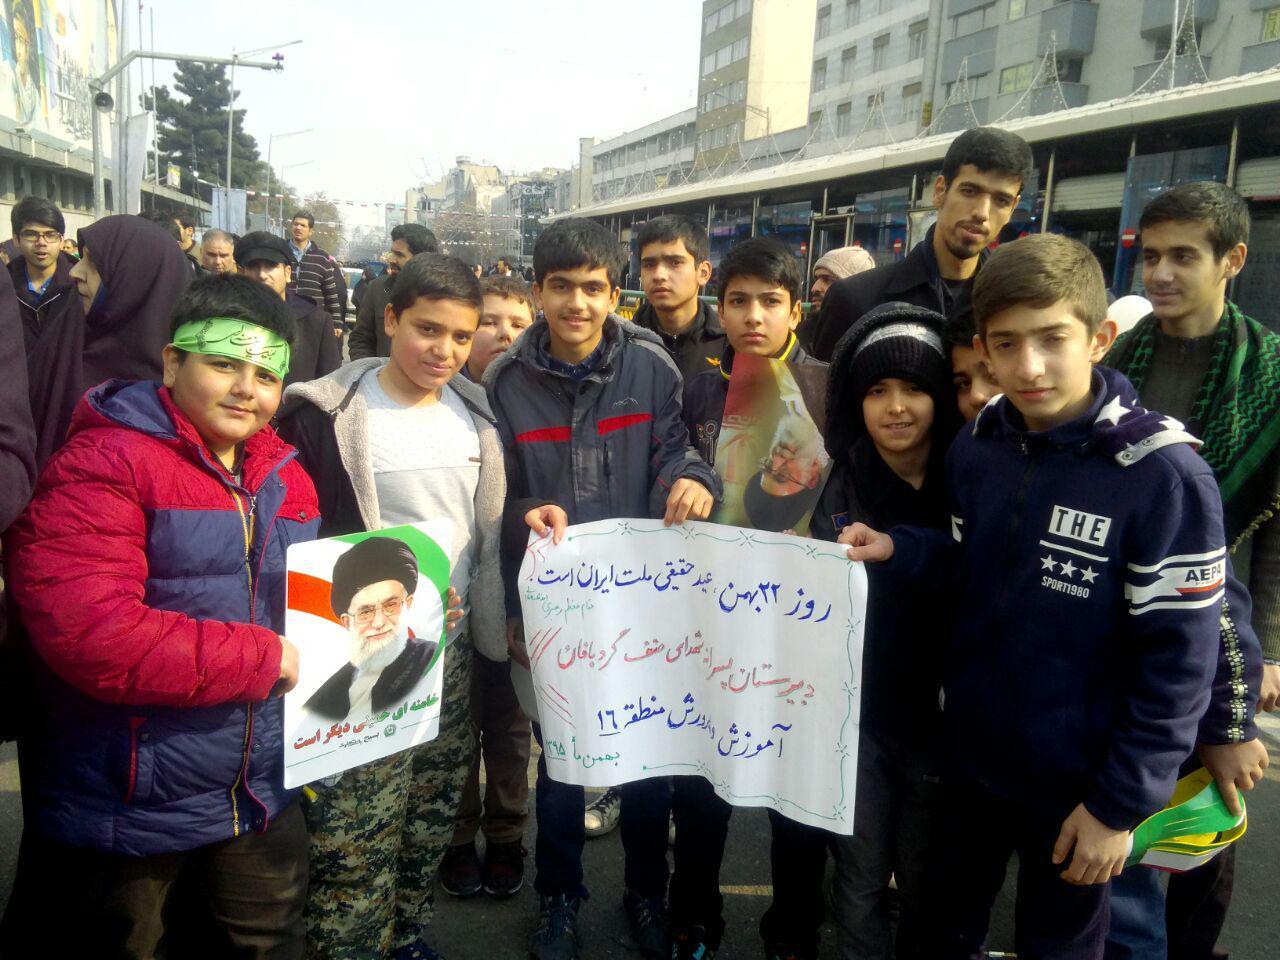 دانش آموزان دبیرستان شهدای صنف گردبافان در راهپیمایی 22 بهمن شرکت کردند.